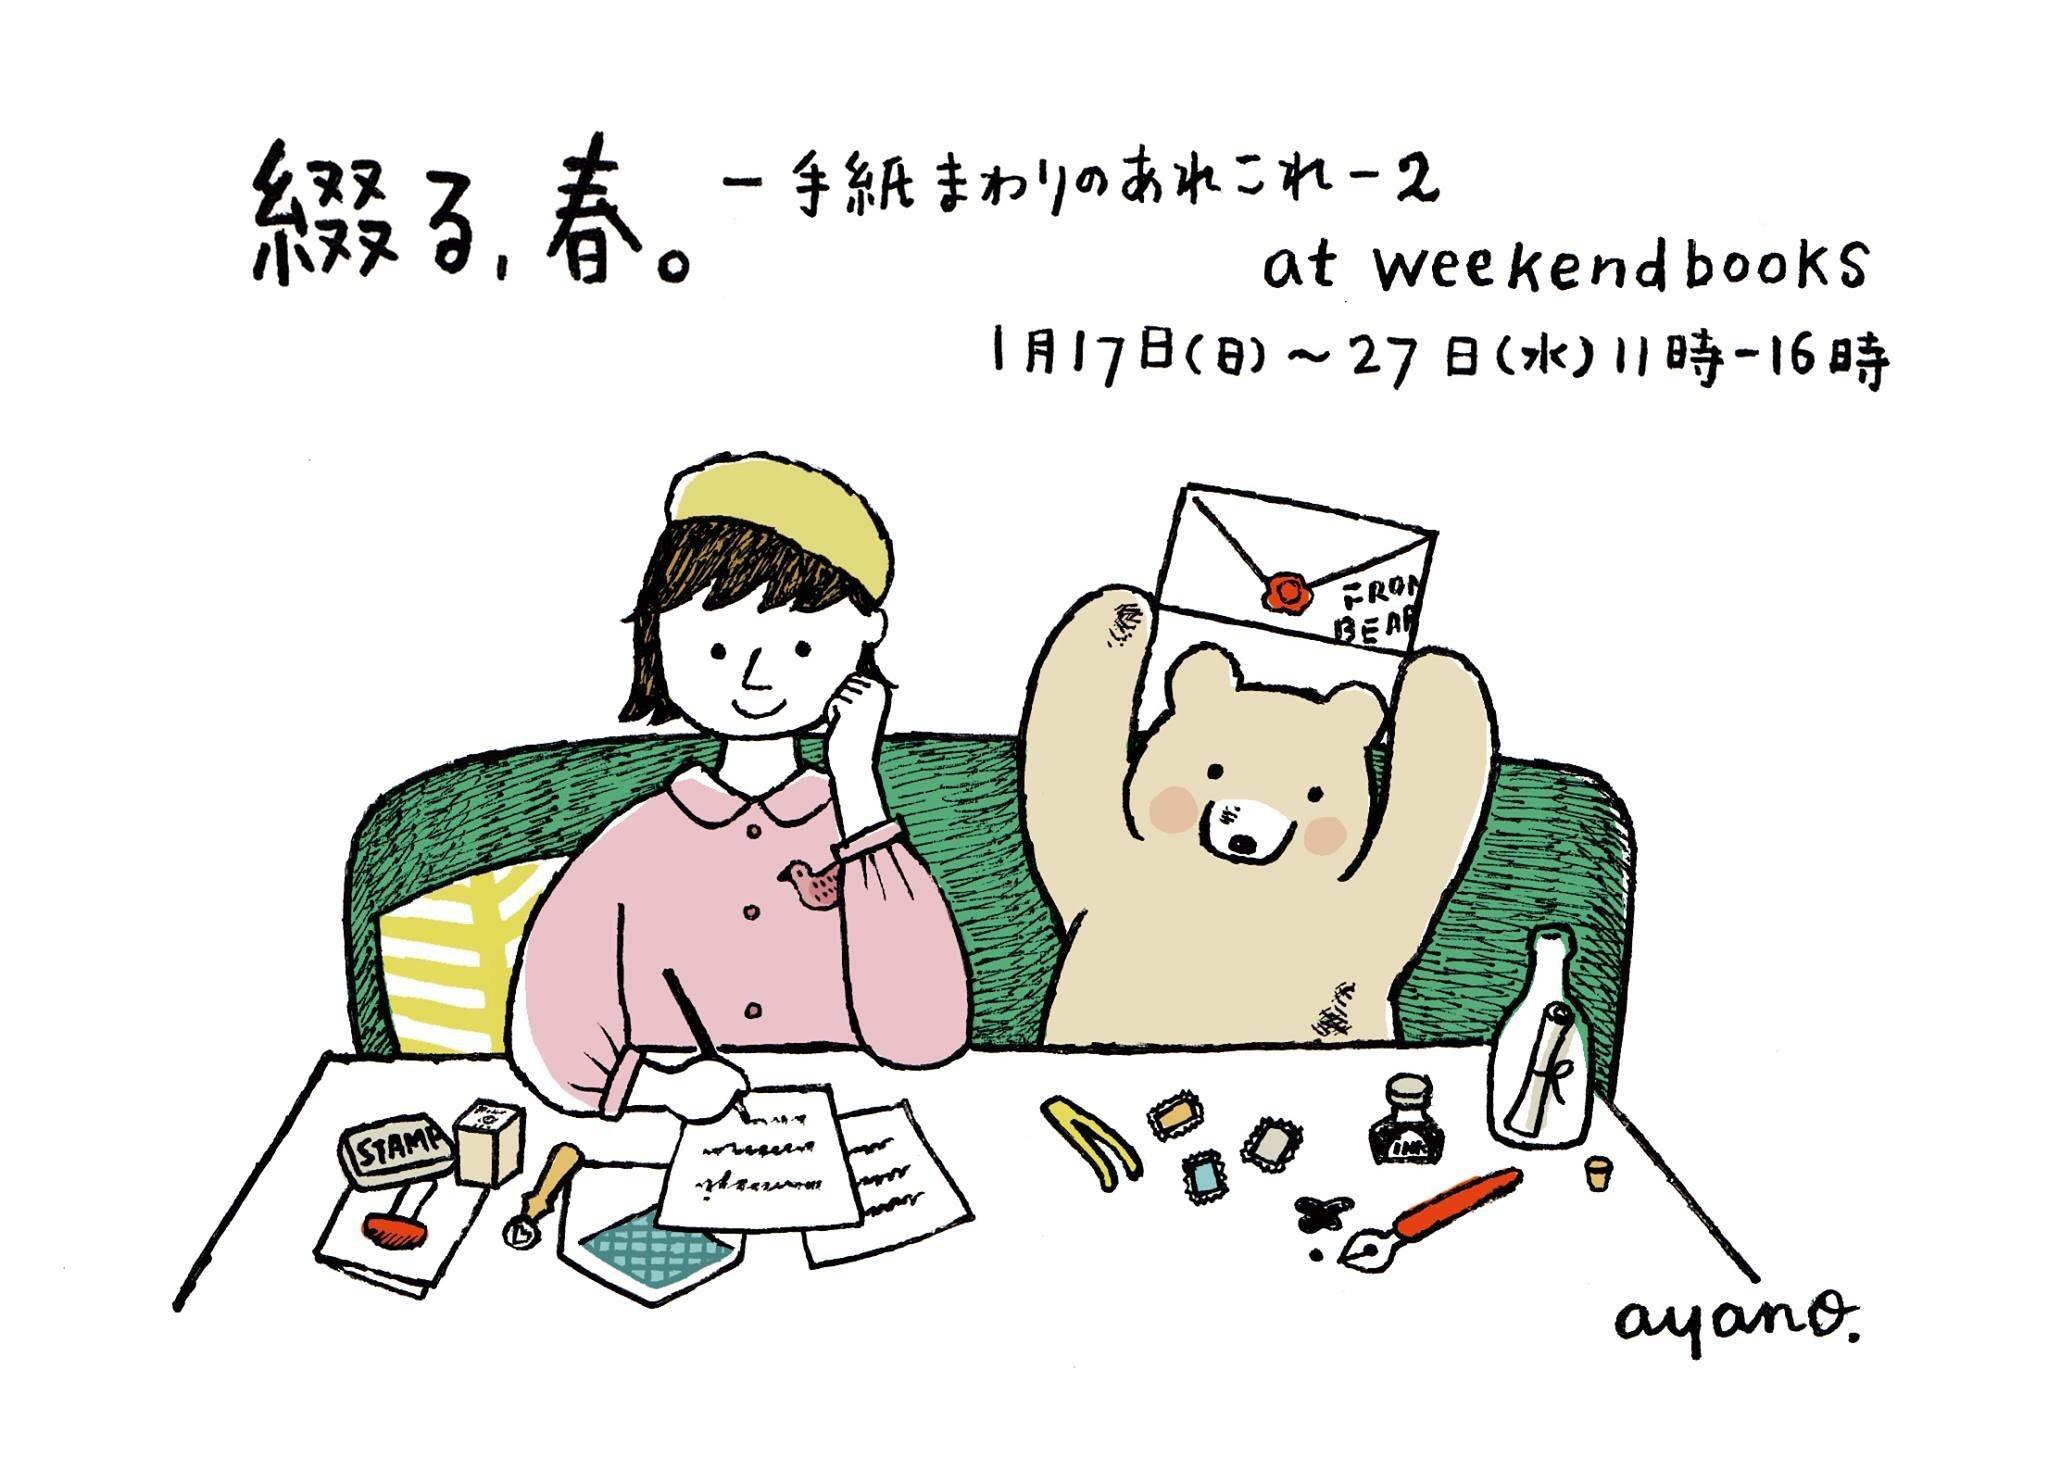 「貝ボタンと古い洋書のページで作るコラージュカード」ワークショップのお知らせ。_e0060555_12291310.jpg